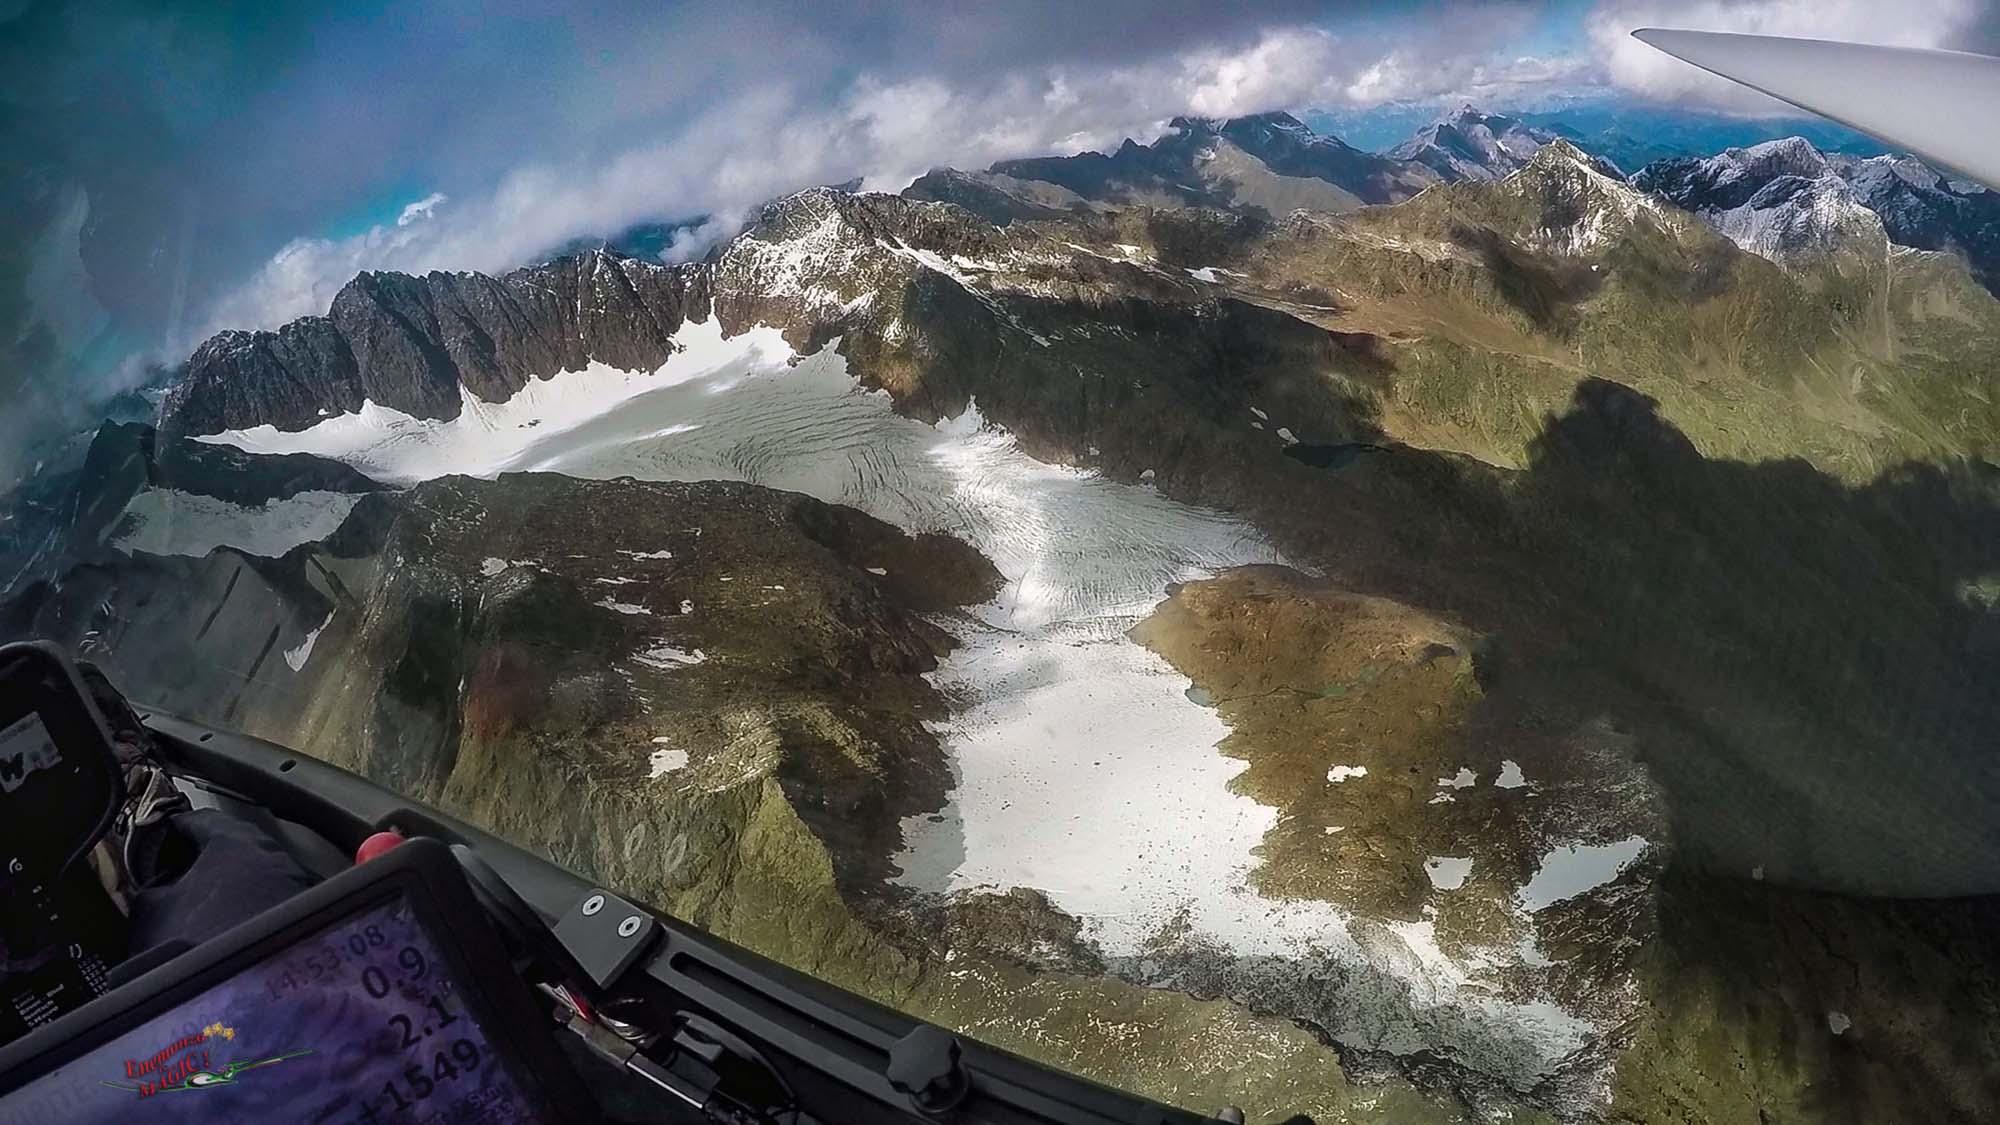 vipiteno ghiacciaio